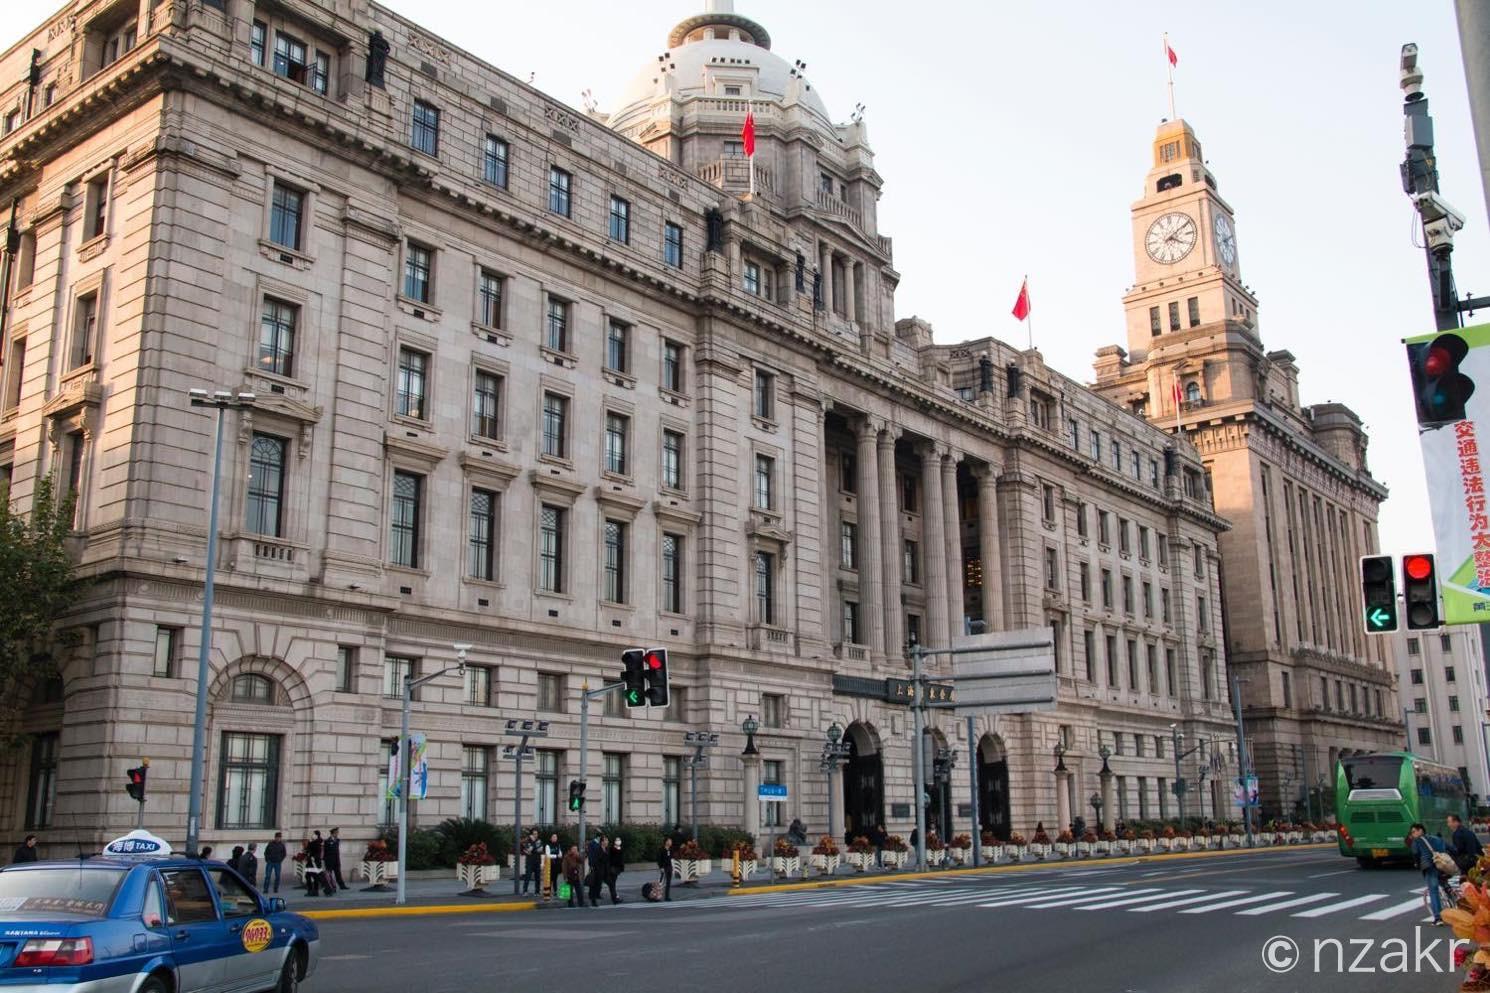 上海のウォール街